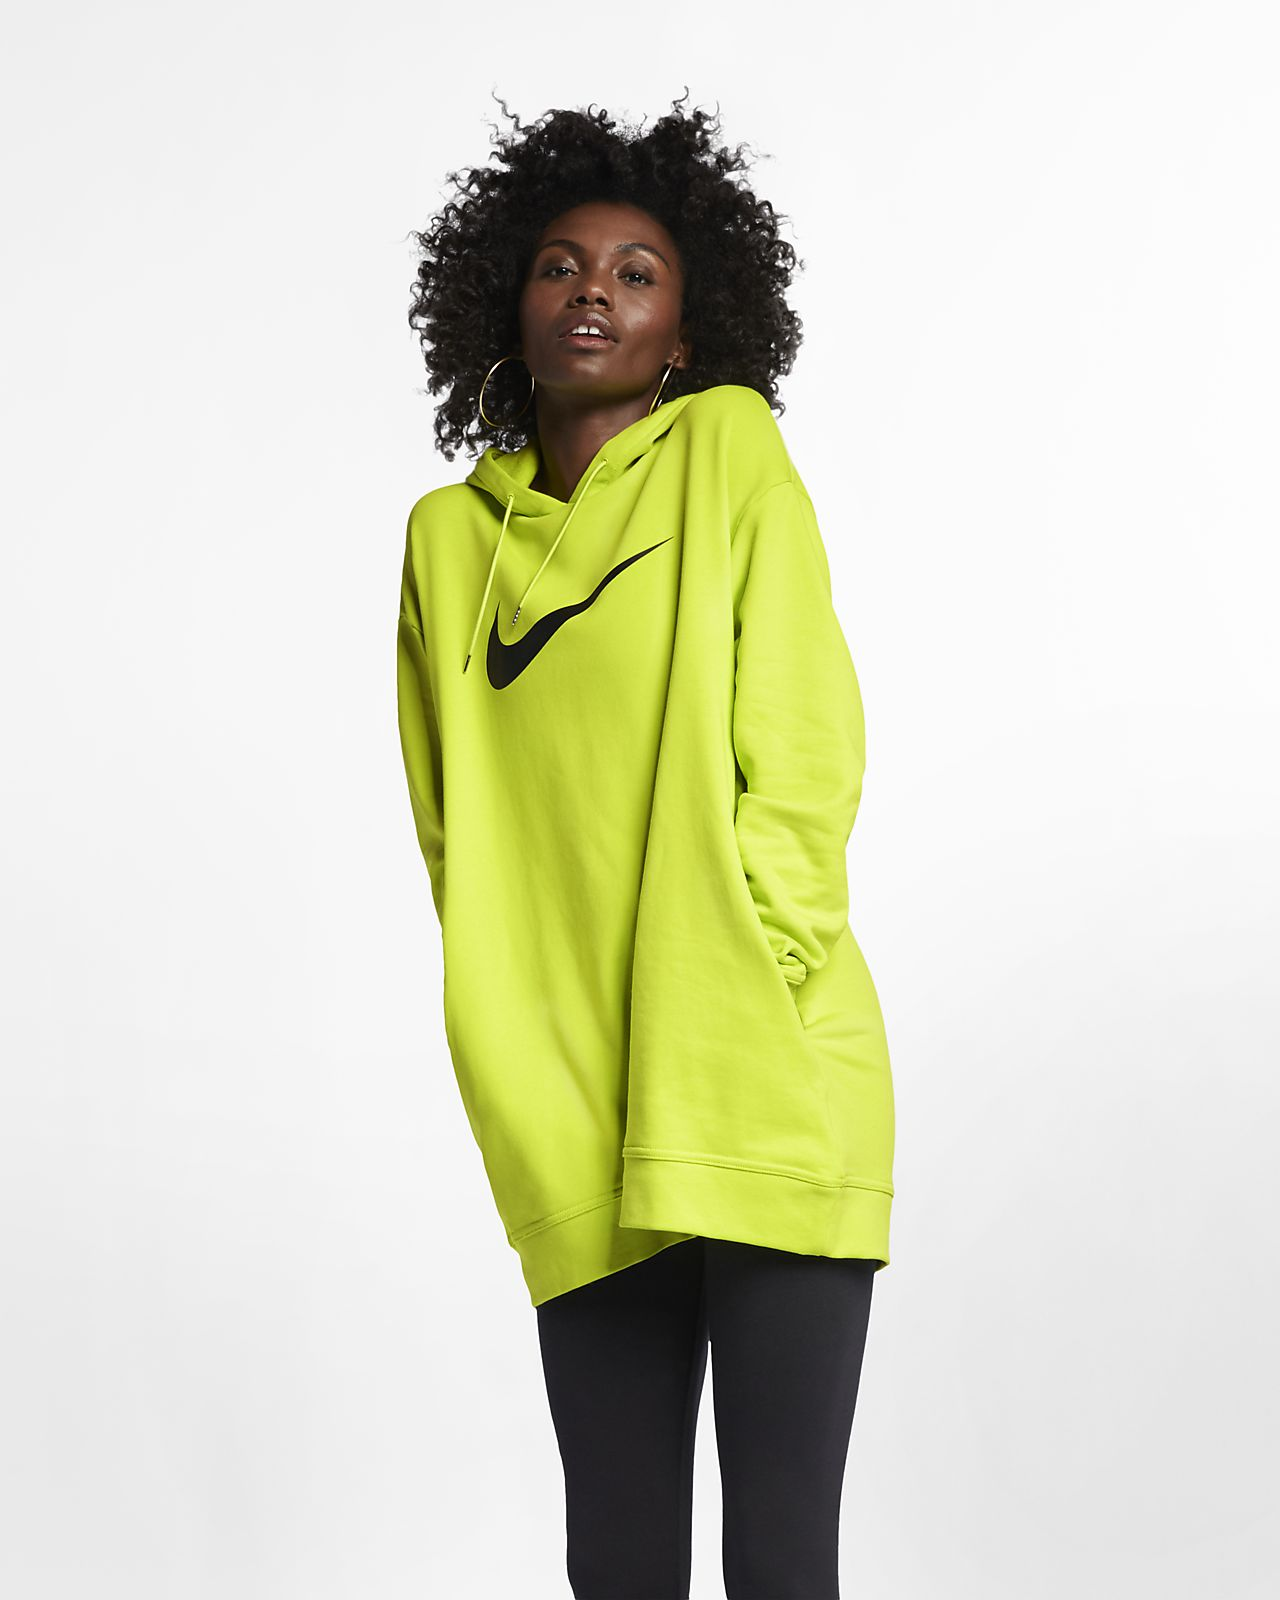 nike swoosh hoodie women's black